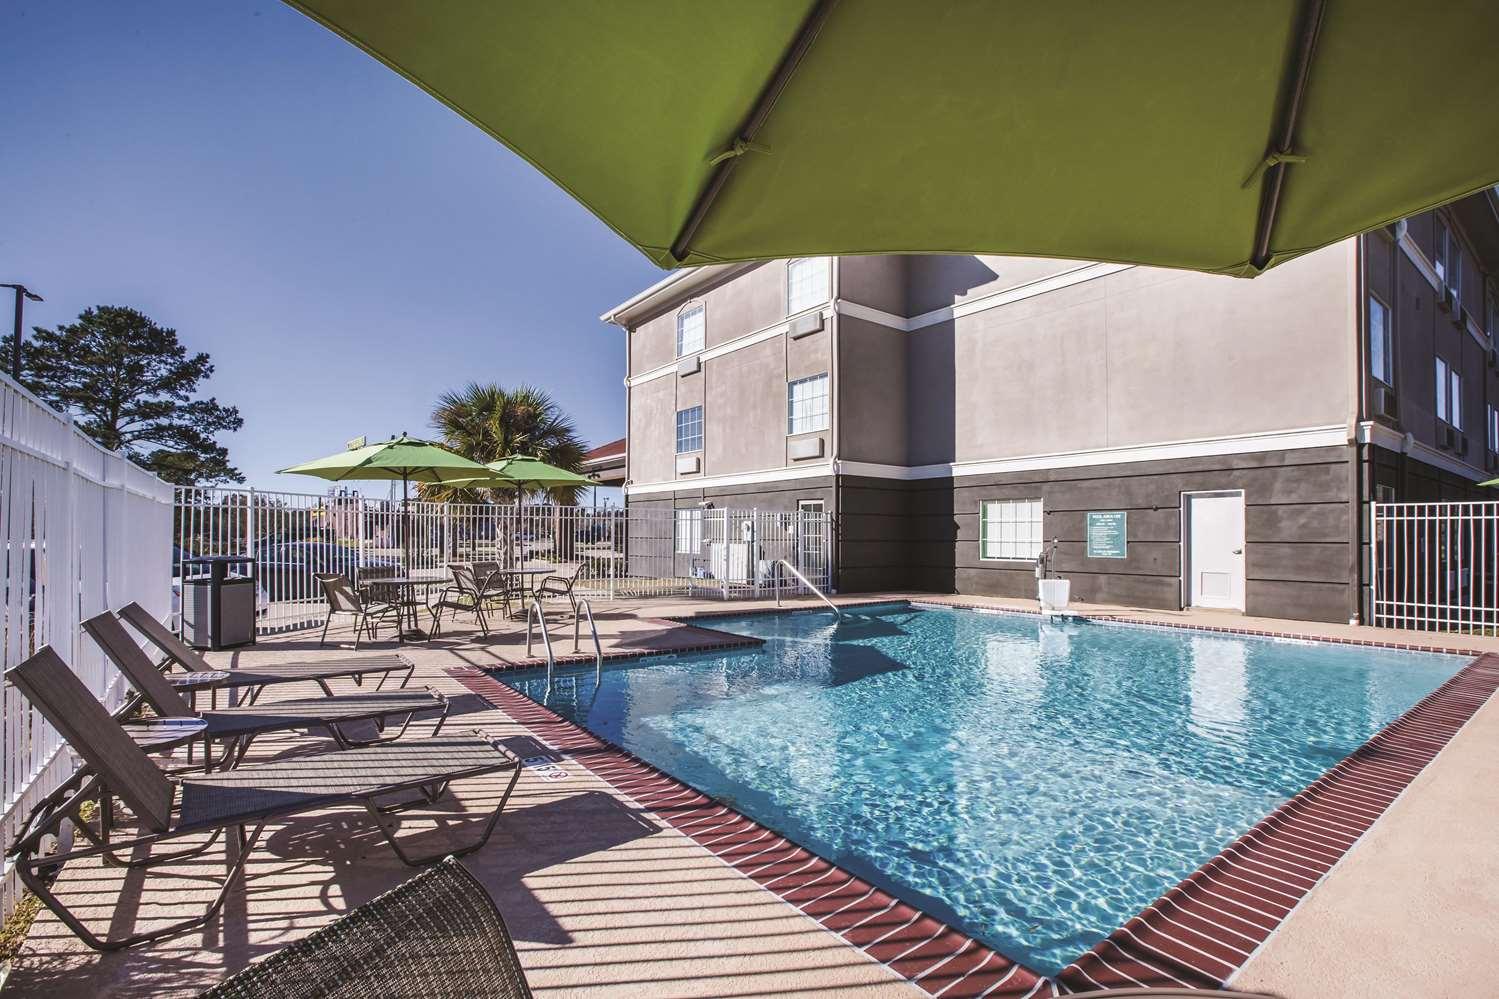 Pool - La Quinta Inn & Suites Walker